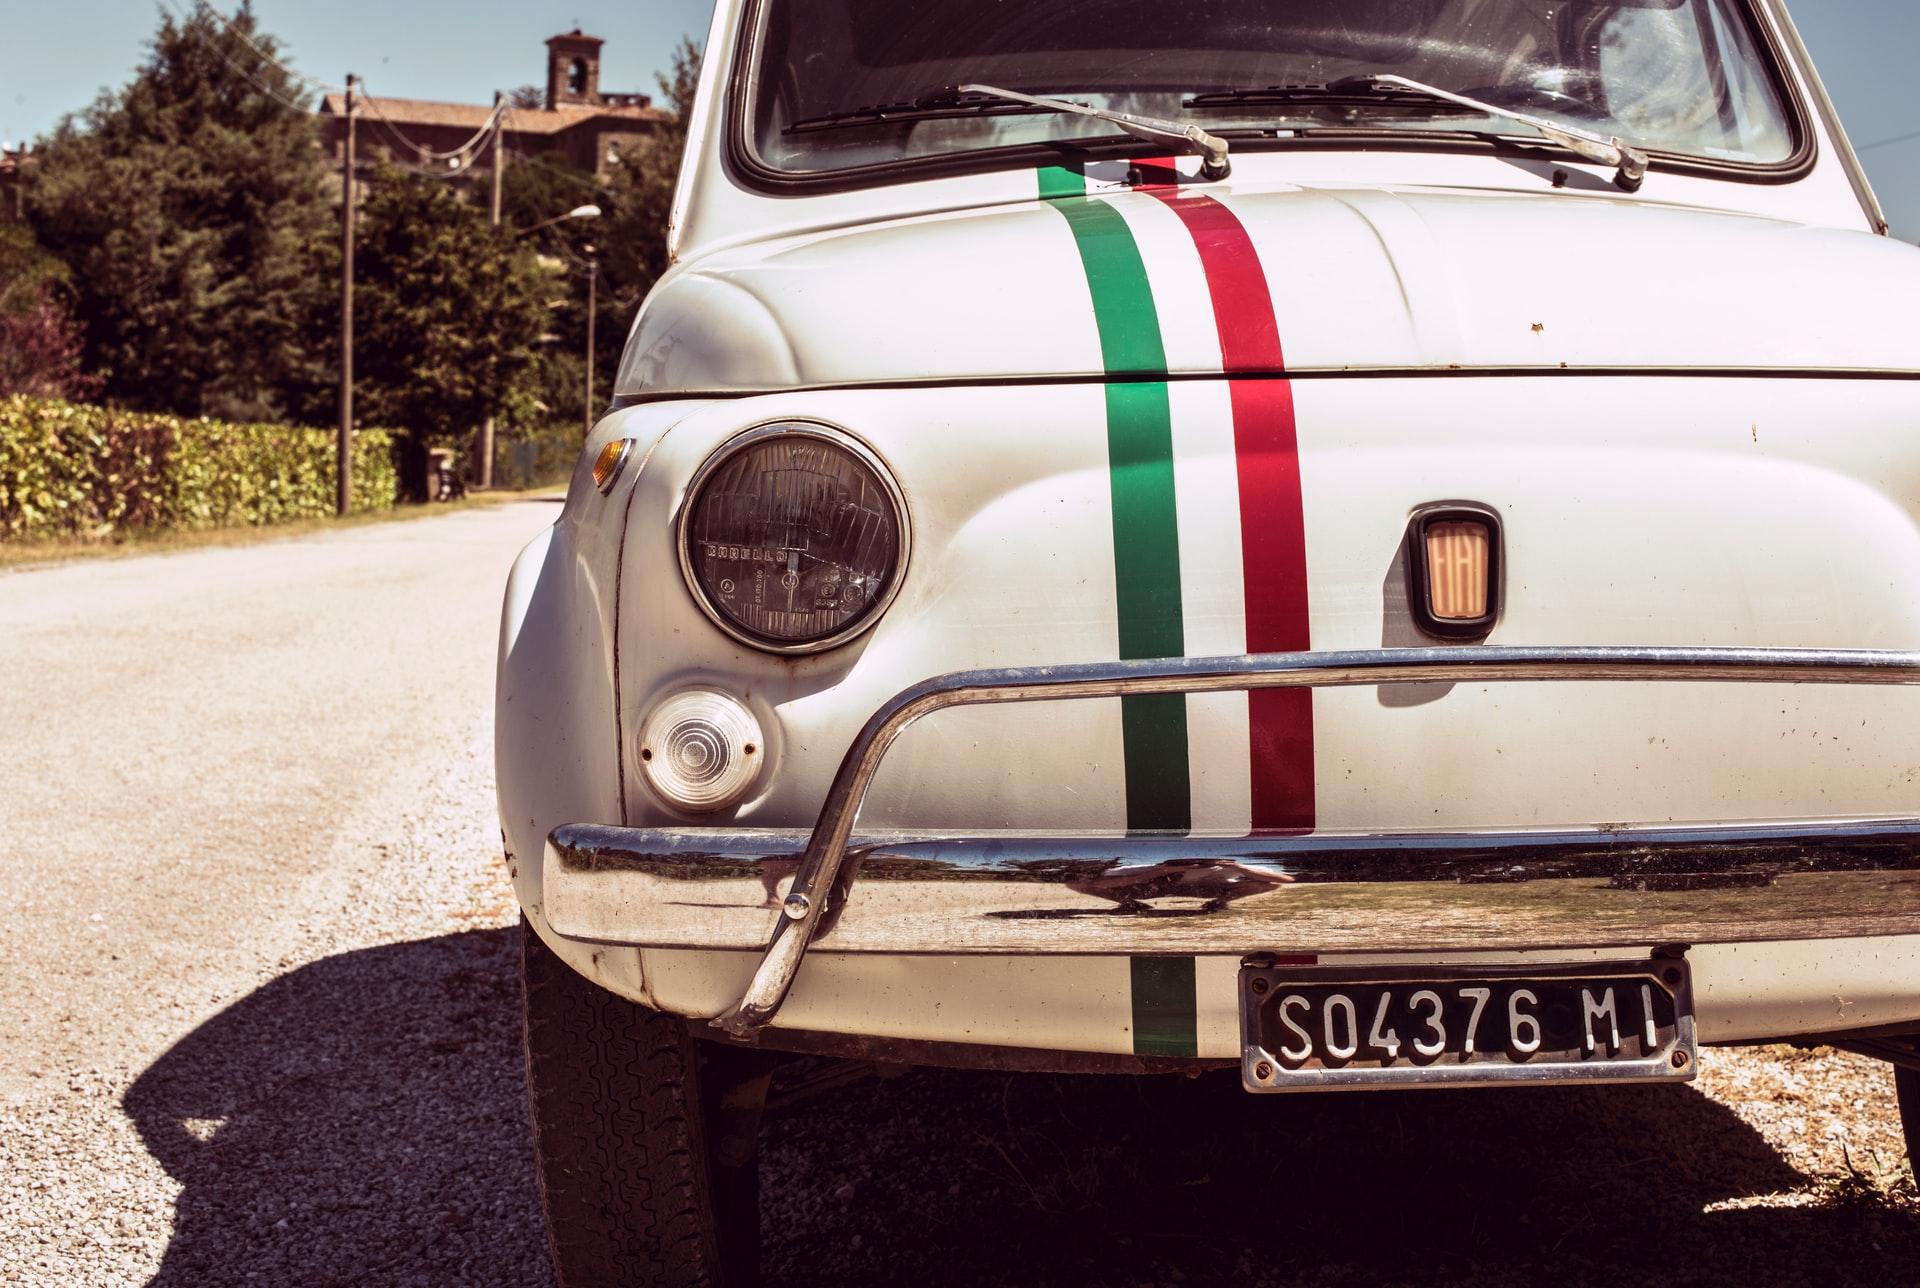 [Zadatak dana] Maturu otvara ispit iz Talijanskog: Ako ovo ne znate prevesti, loše prolazite